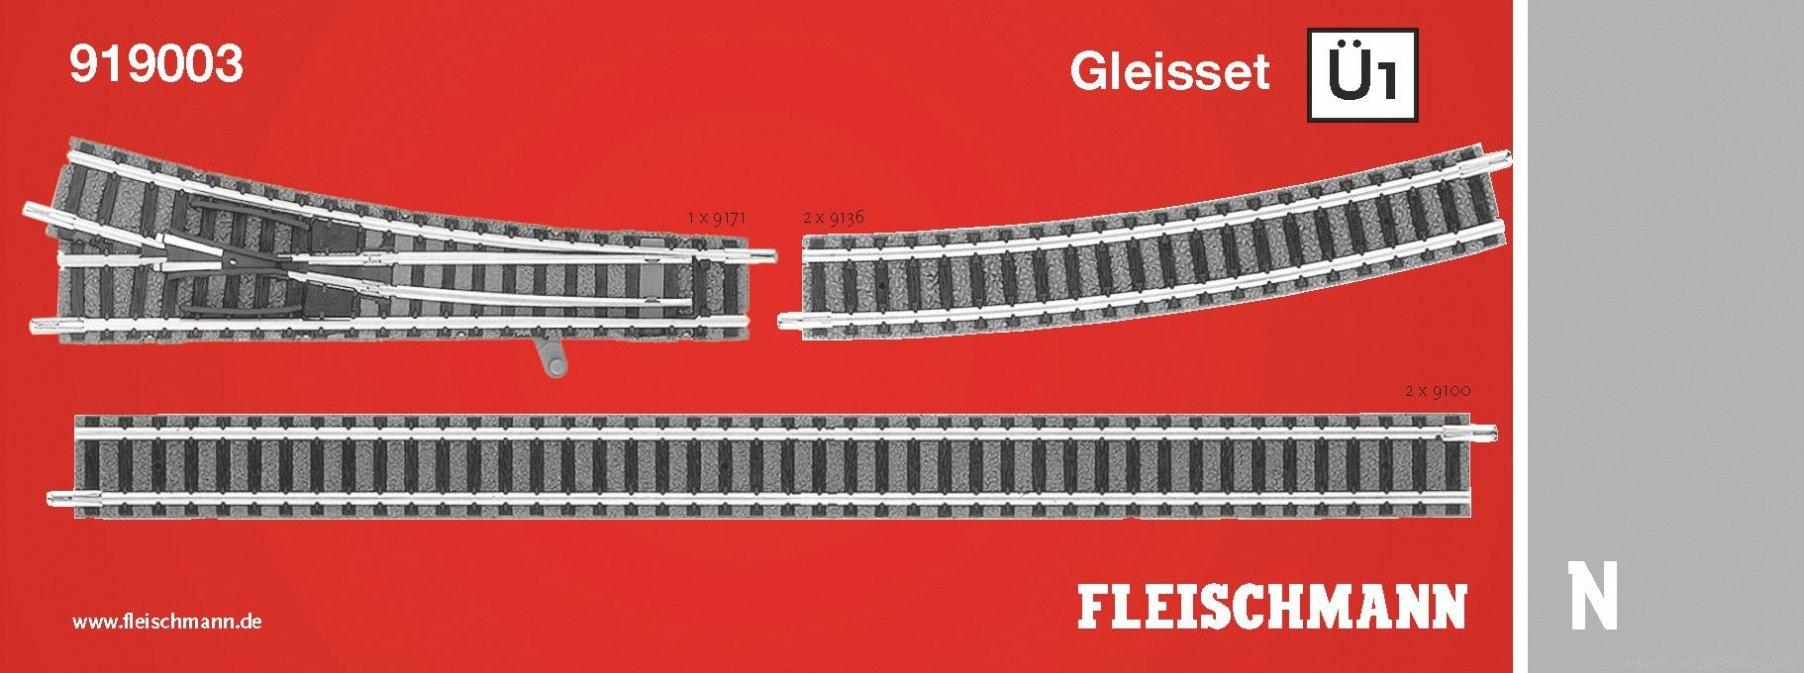 Fleischmann 919003 N Track Extension Set U1